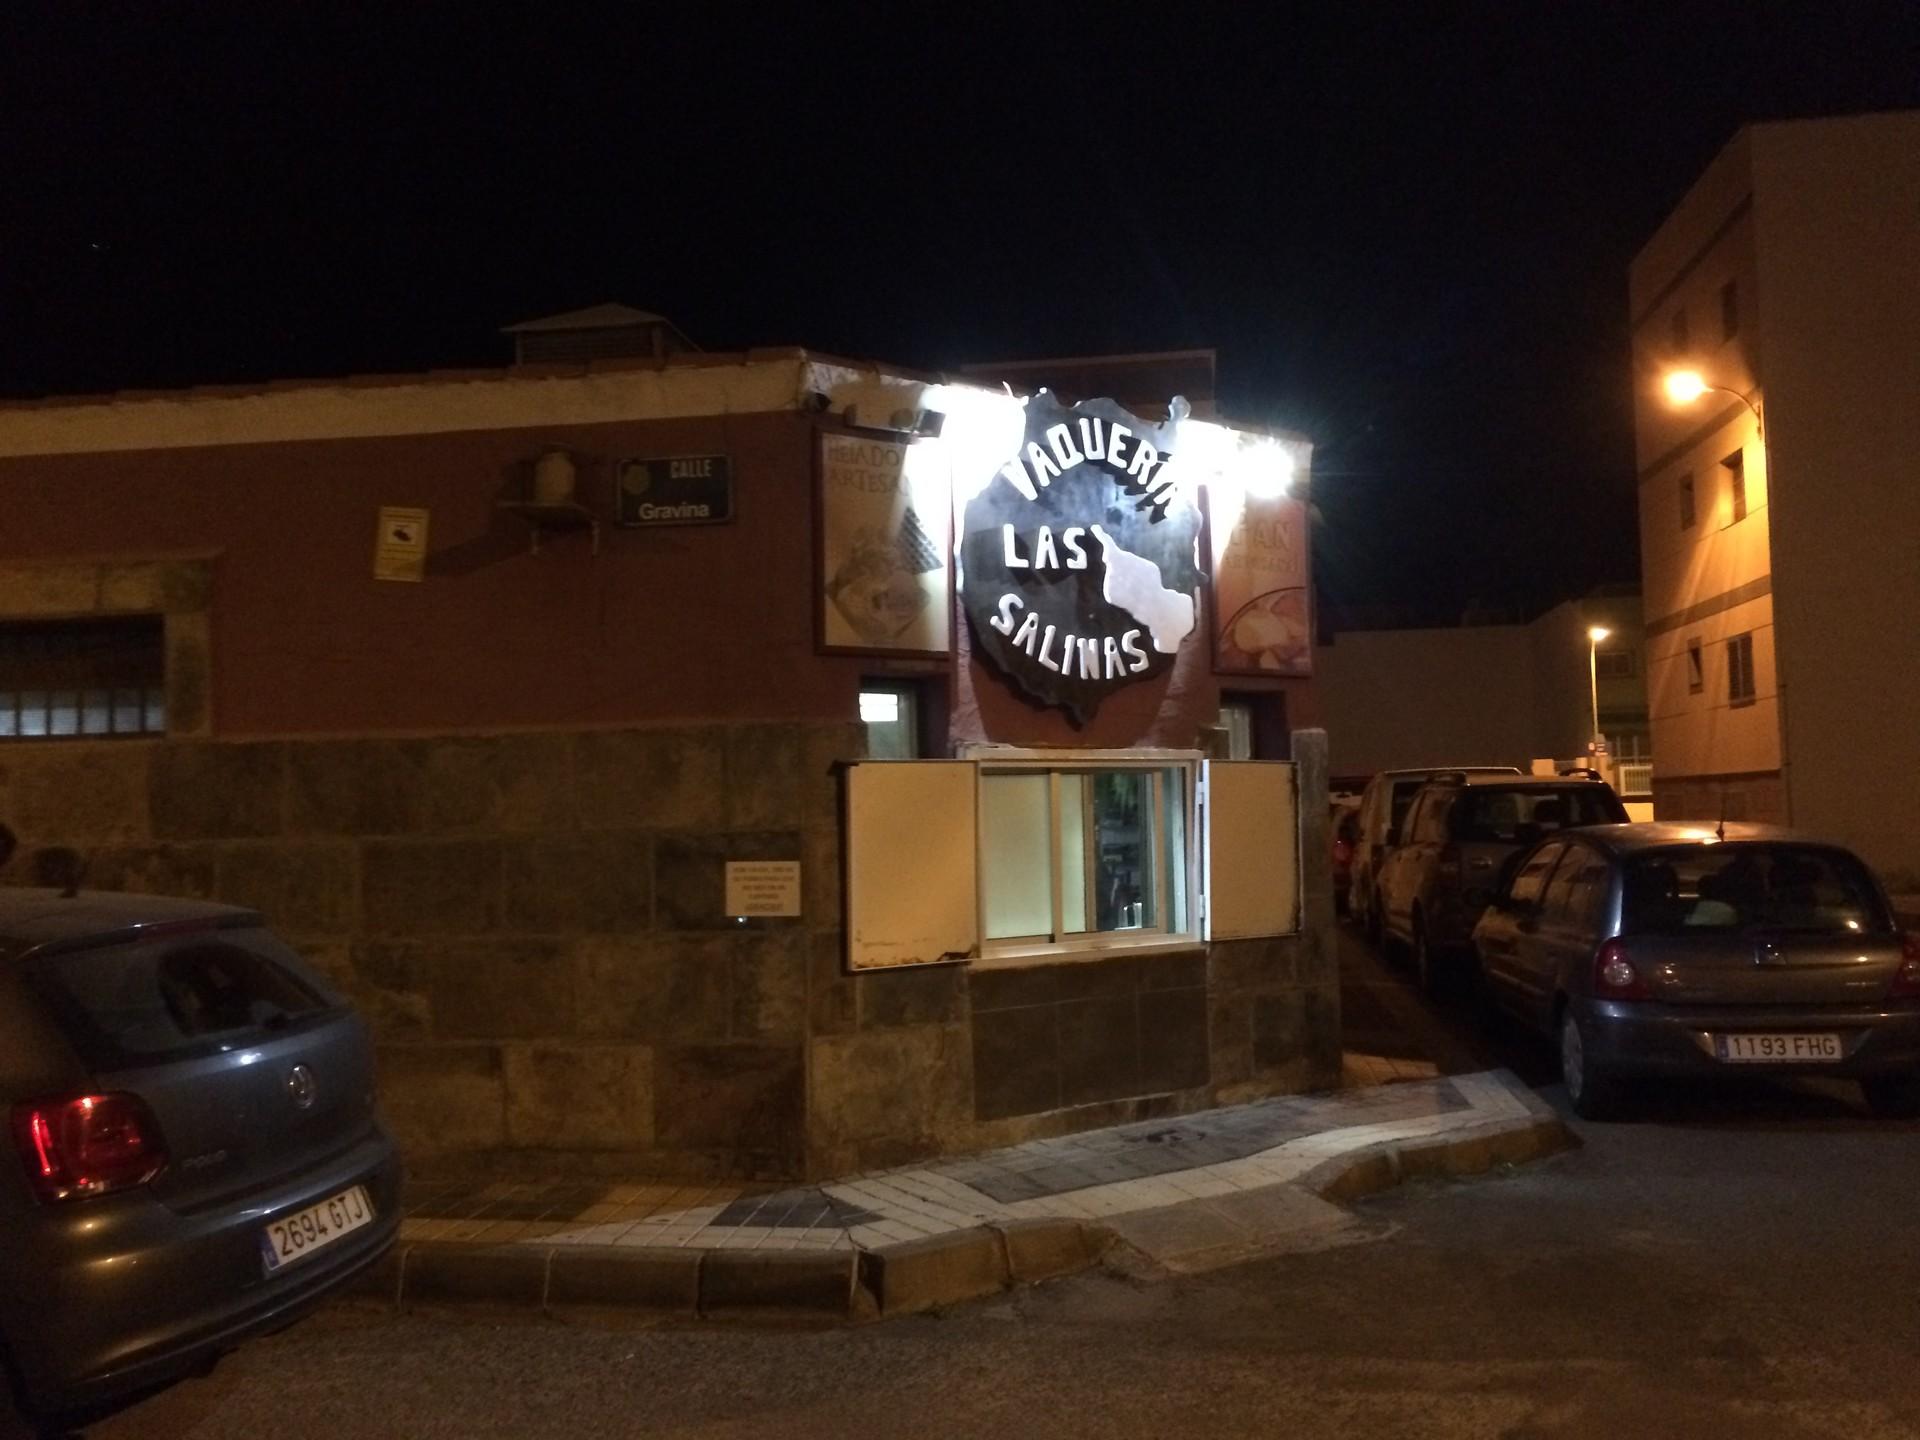 restaurante-vaqueria-las-salinas-51605d1